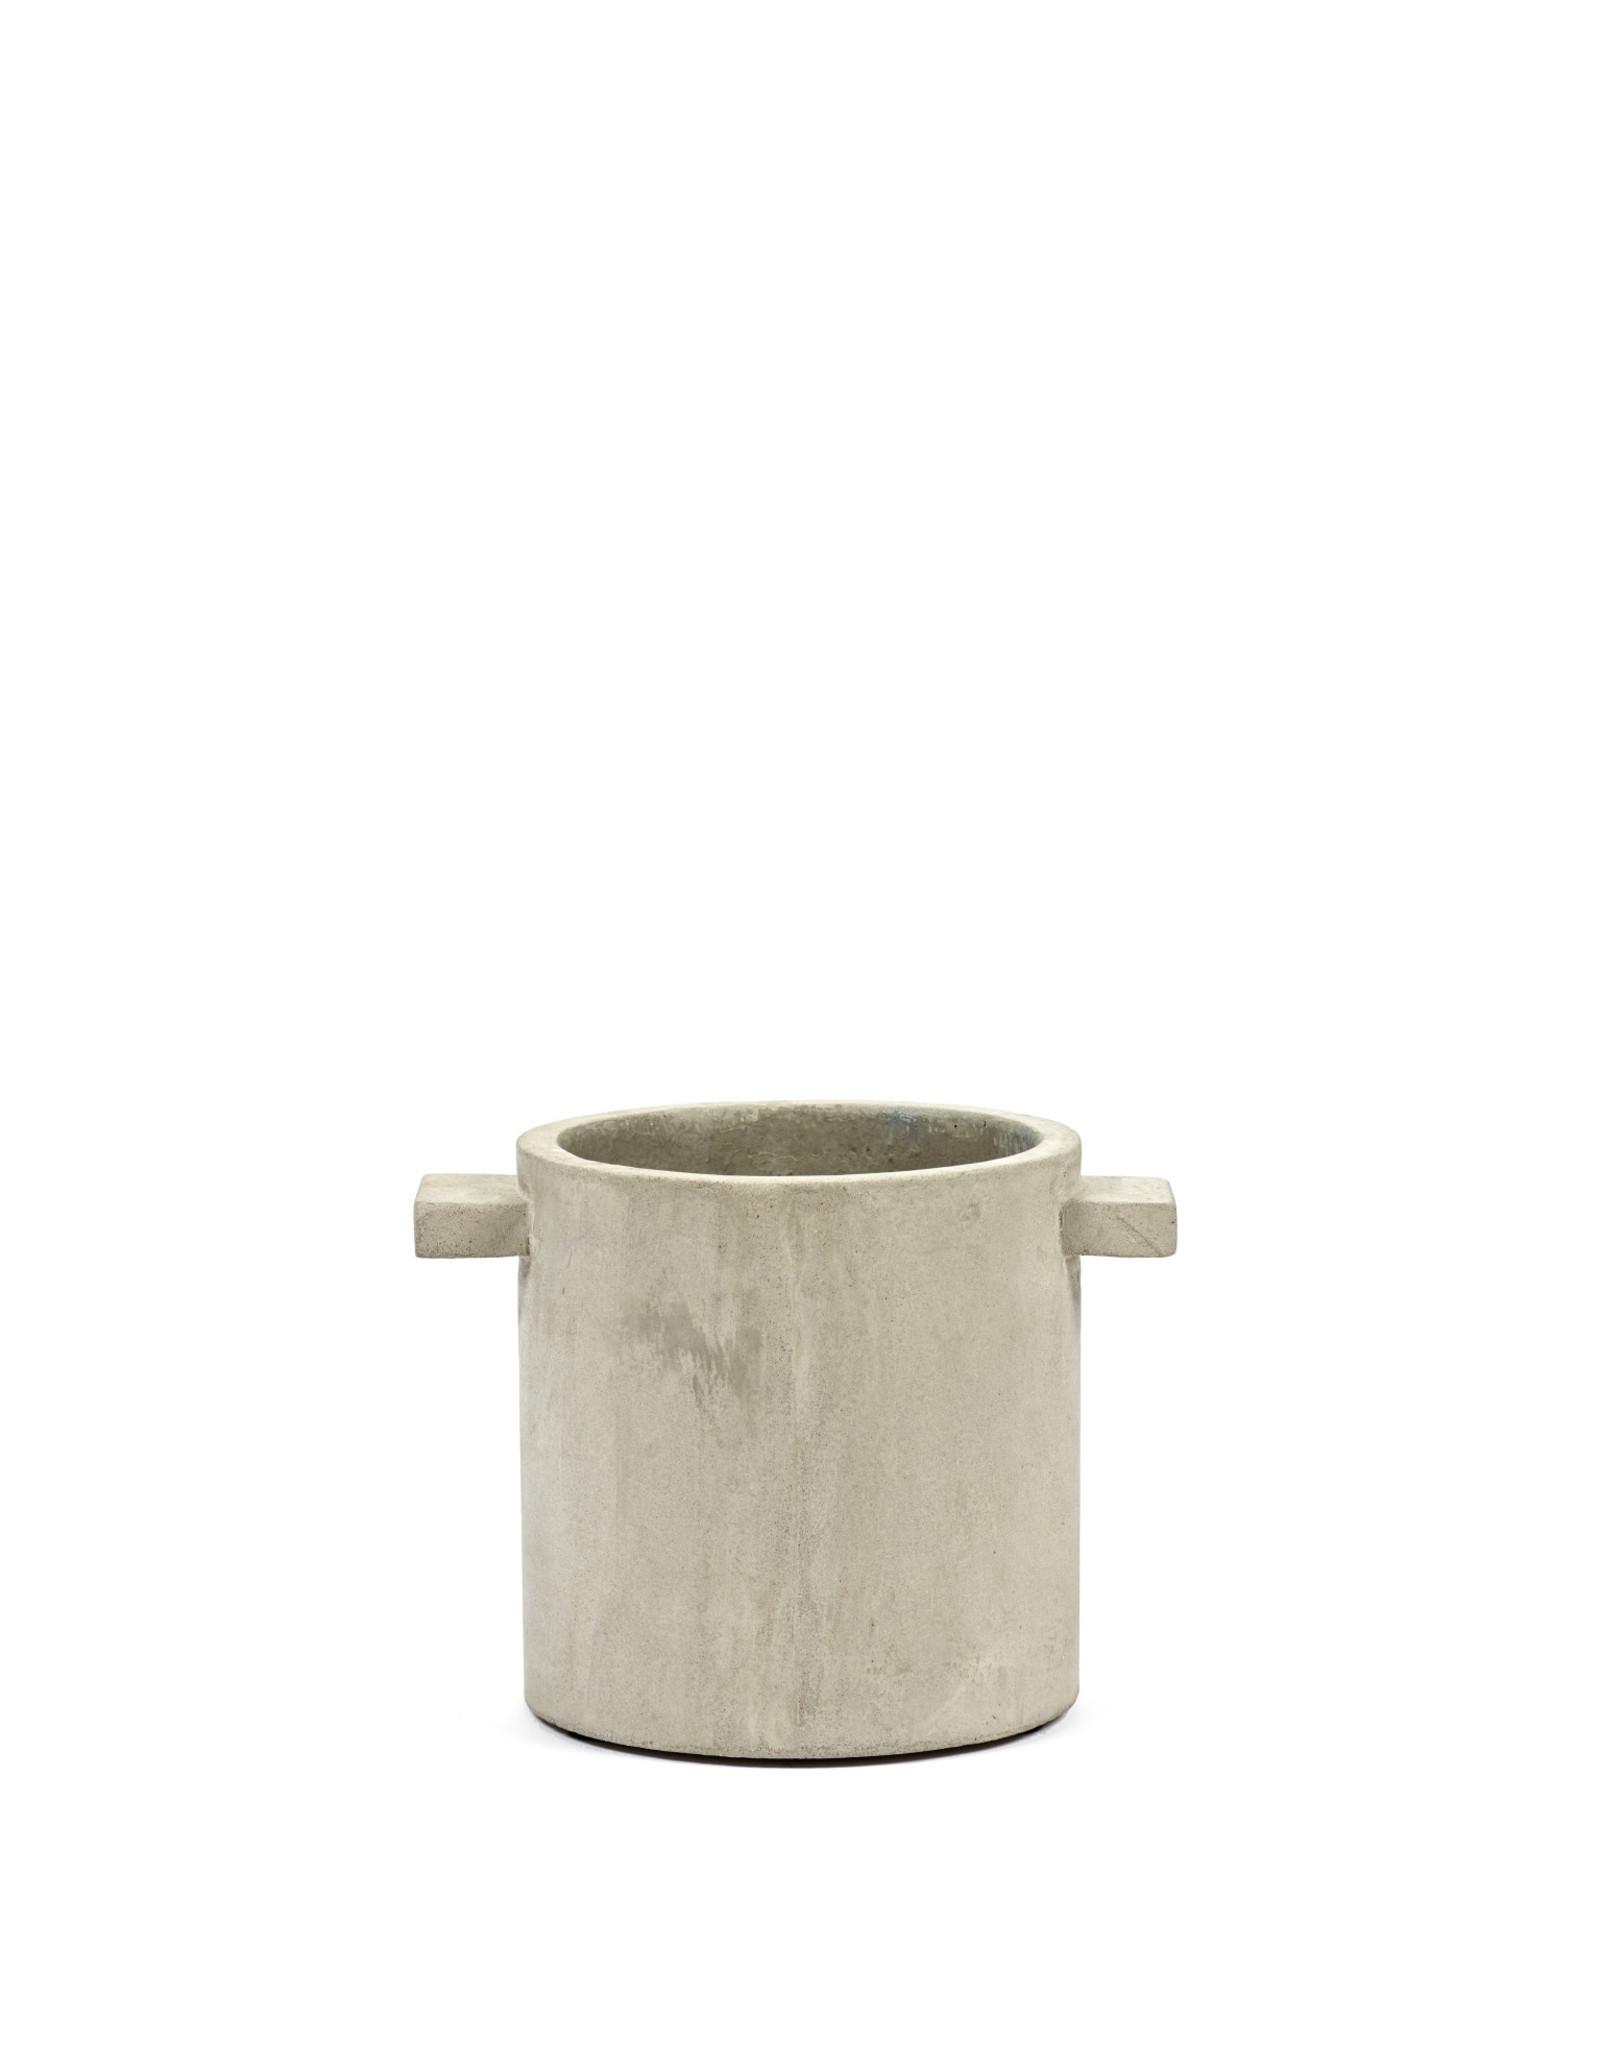 serax Concrete Pot Ø13 h15